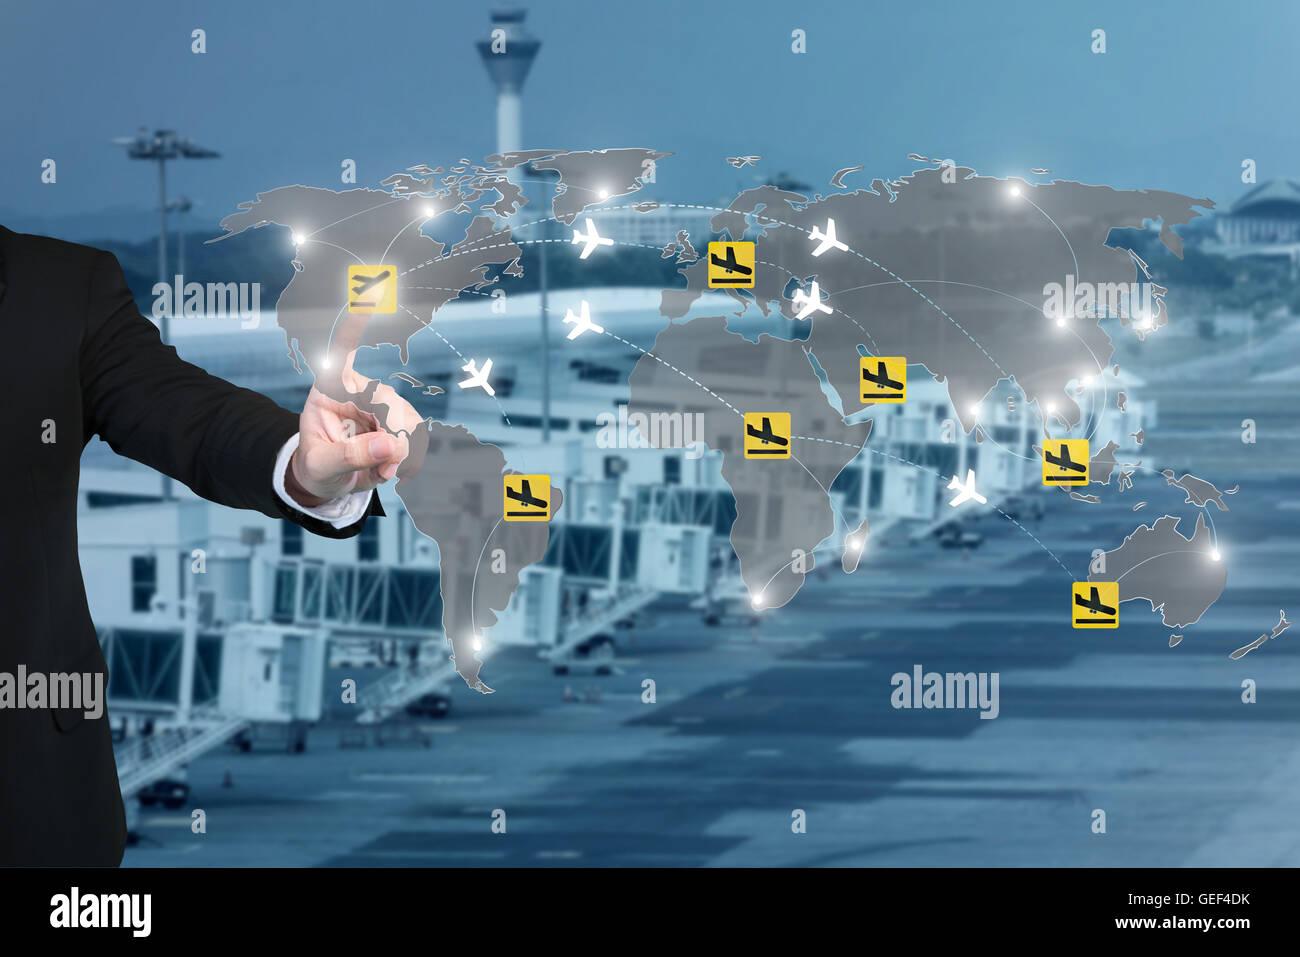 Geschäftsmann, arbeiten mit virtuellen Schnittstelle zur Kontrolle Verbindungsnetzwerke Flugzeuge an ihre Ziel Stockbild